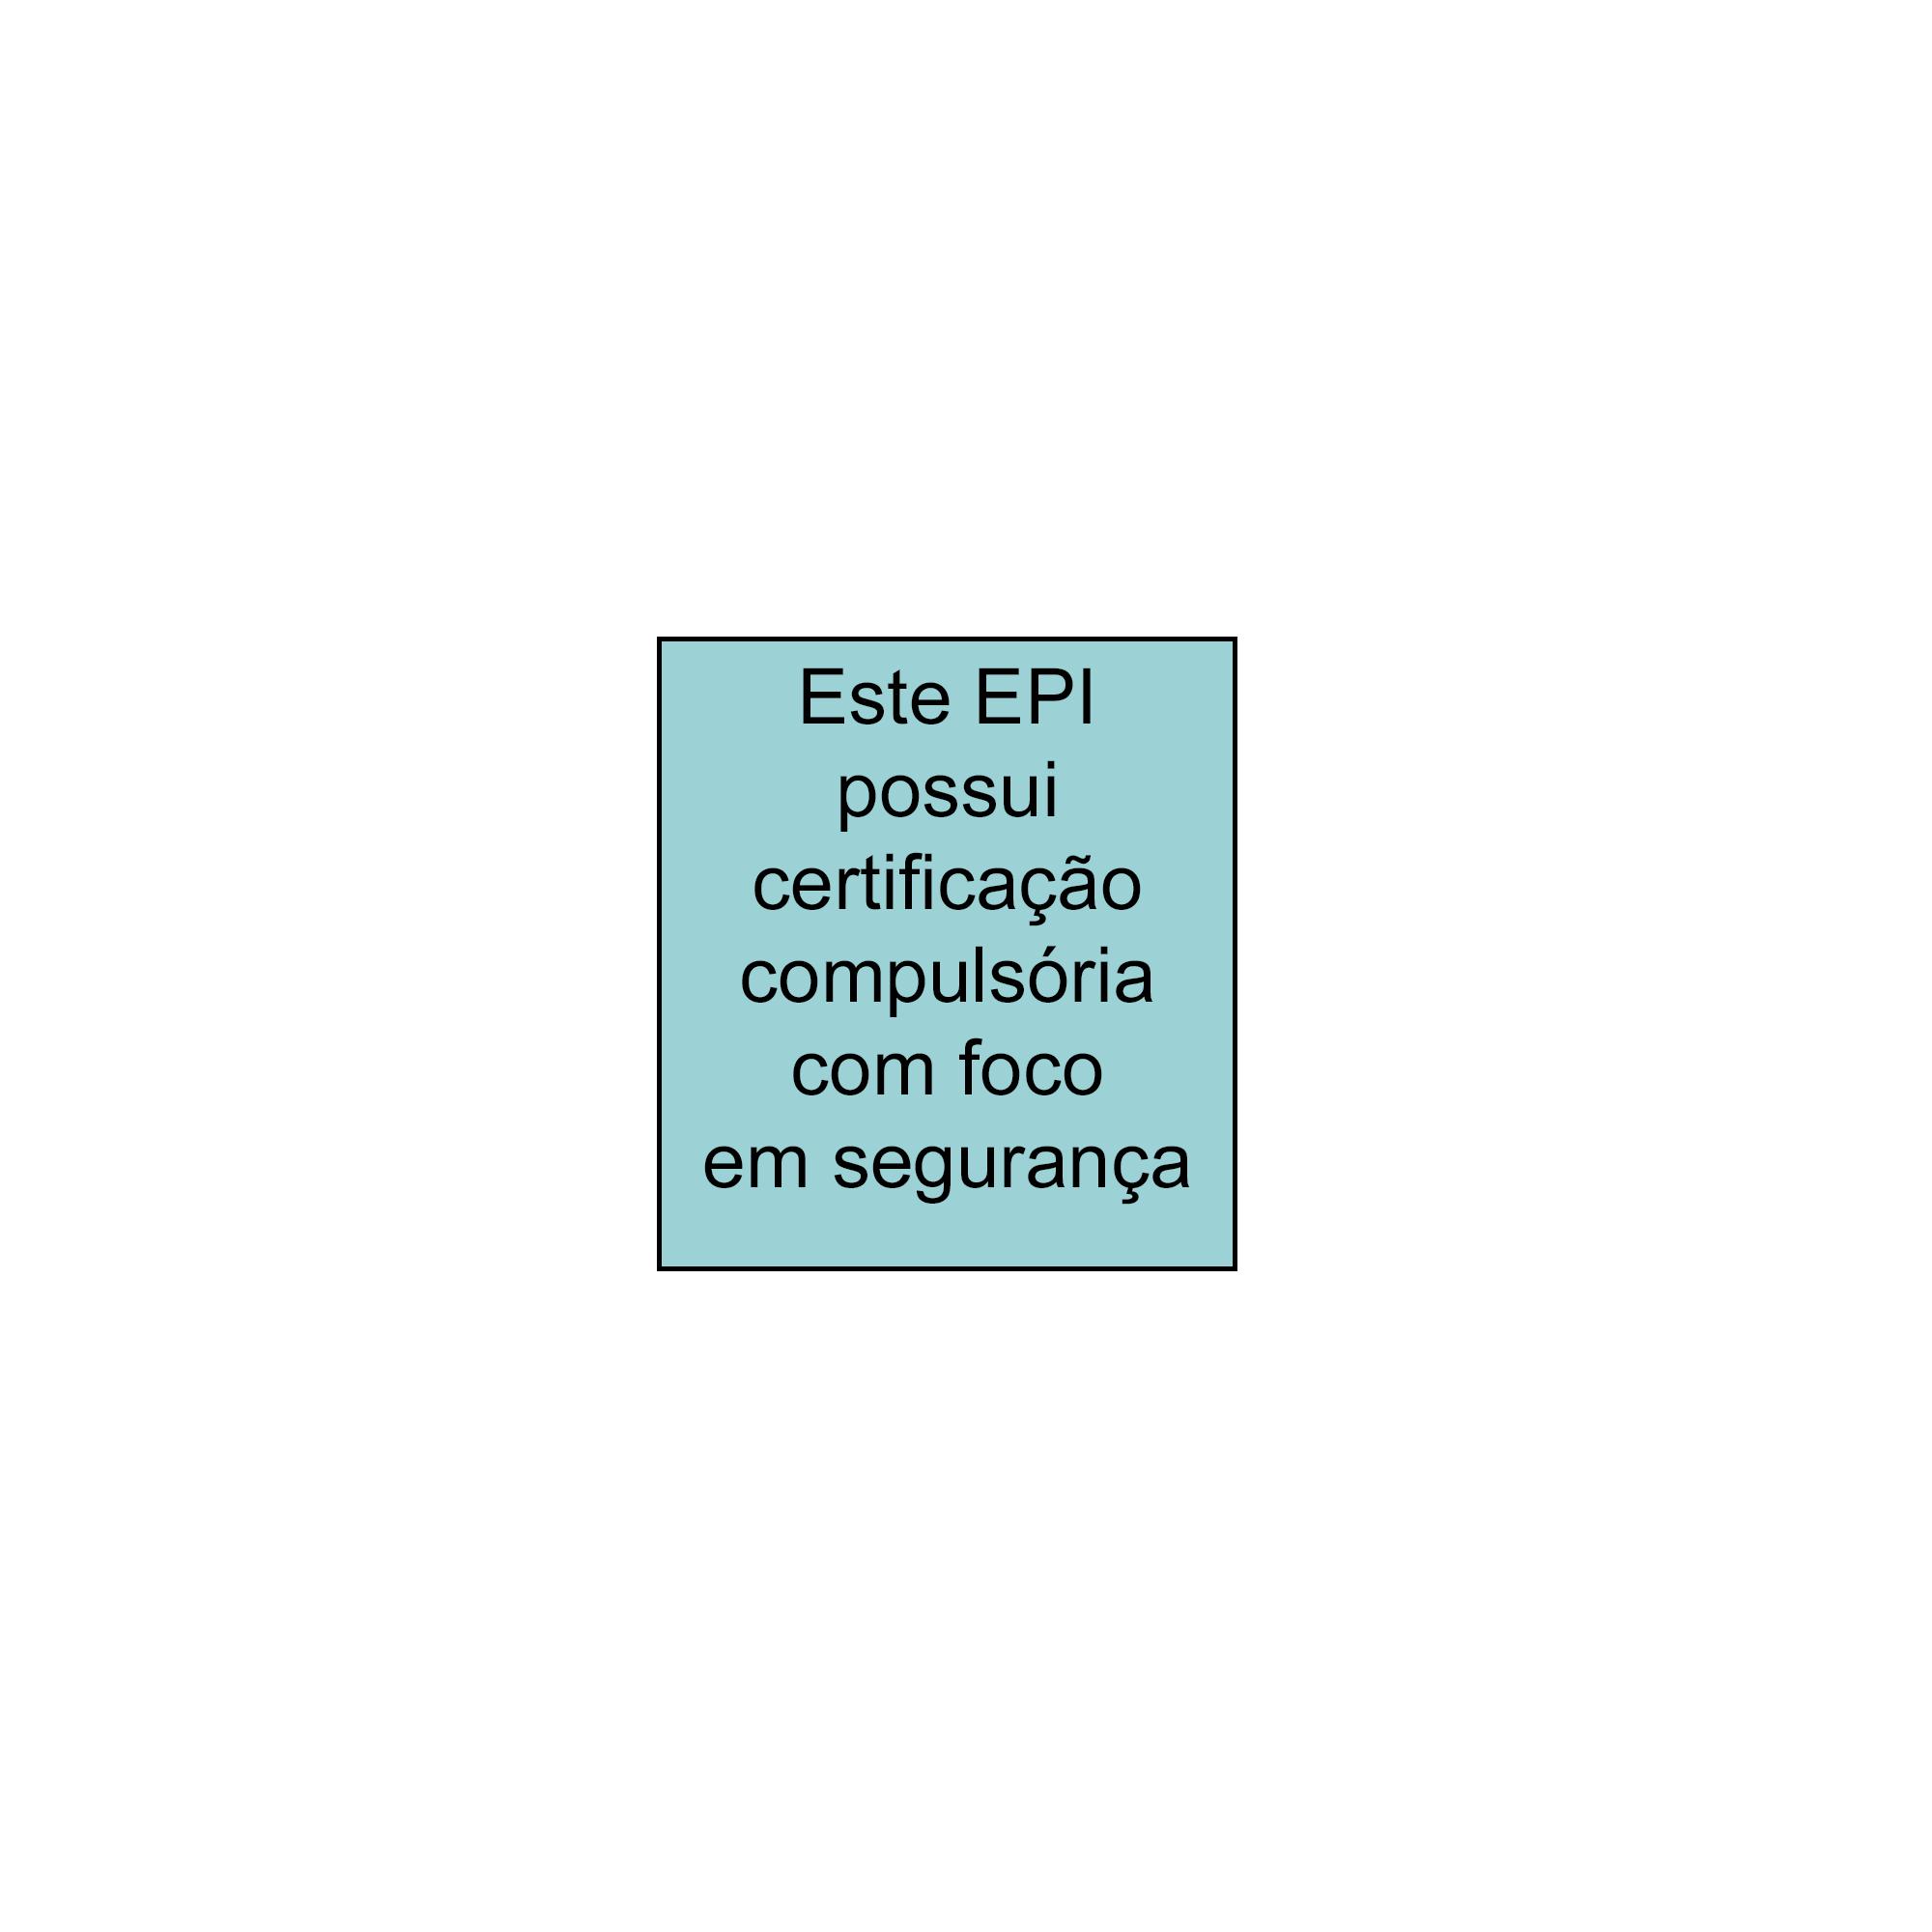 CAPACETE DE SEGURANÇA ELT ELETRICISTA  - CINZA - PLASTCOR C.A. 25883